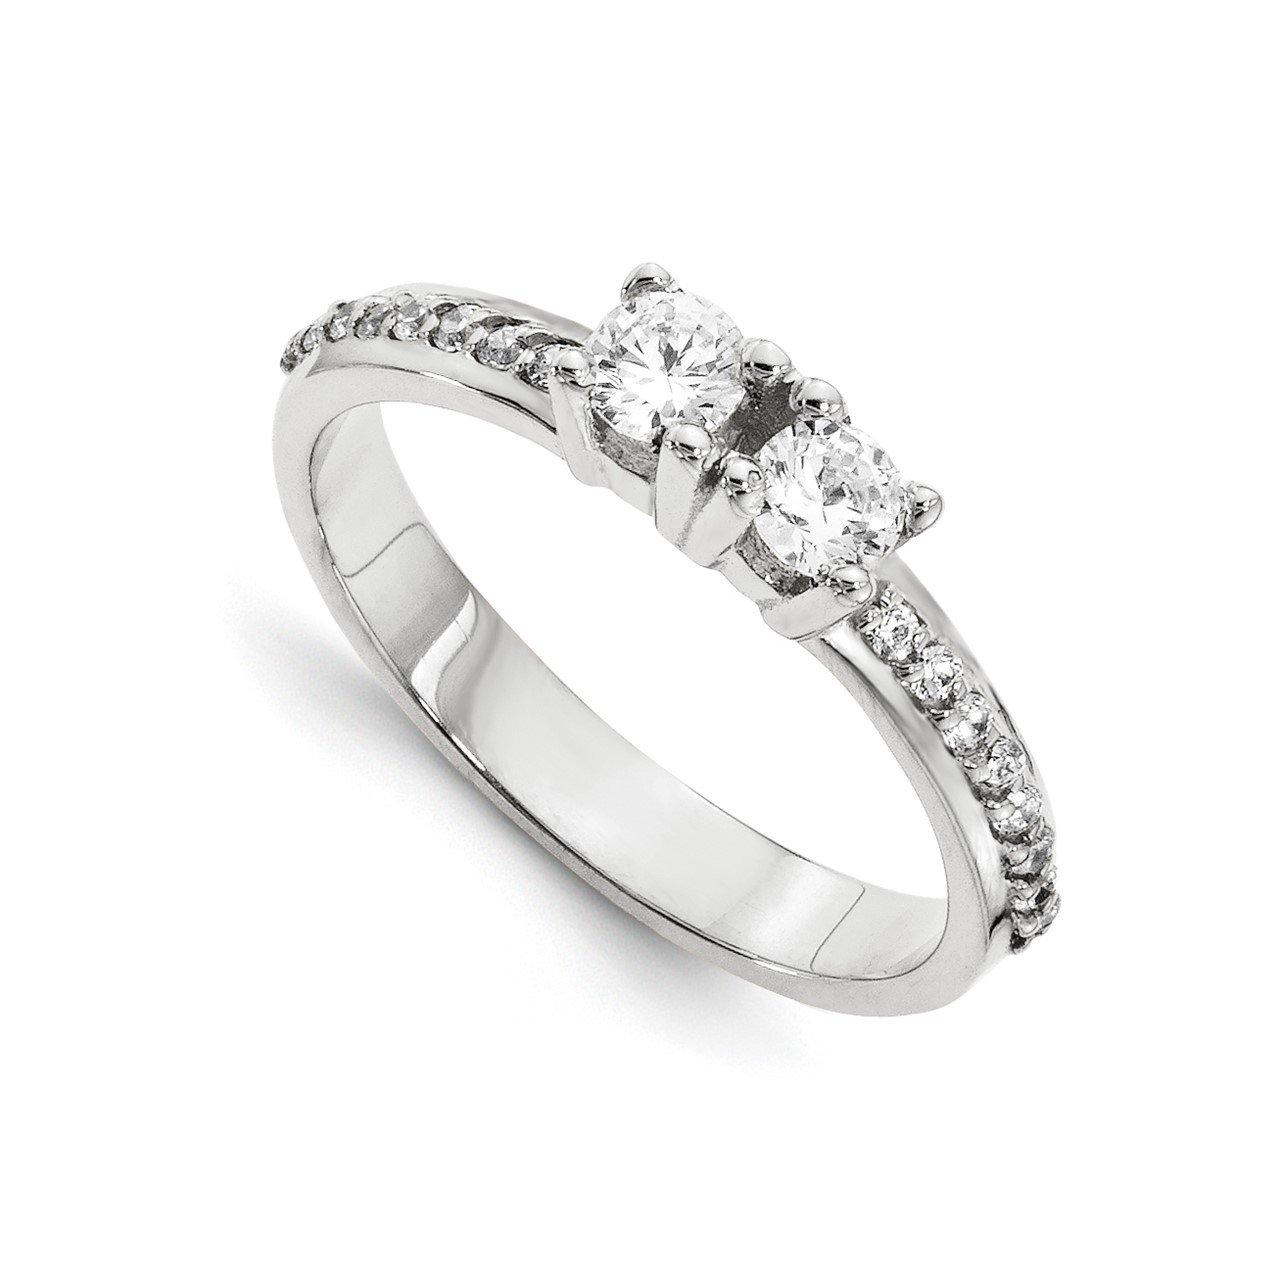 14KW AAA Diamond 2-stone Ring Semi-Mount - 4.8 mm center stones